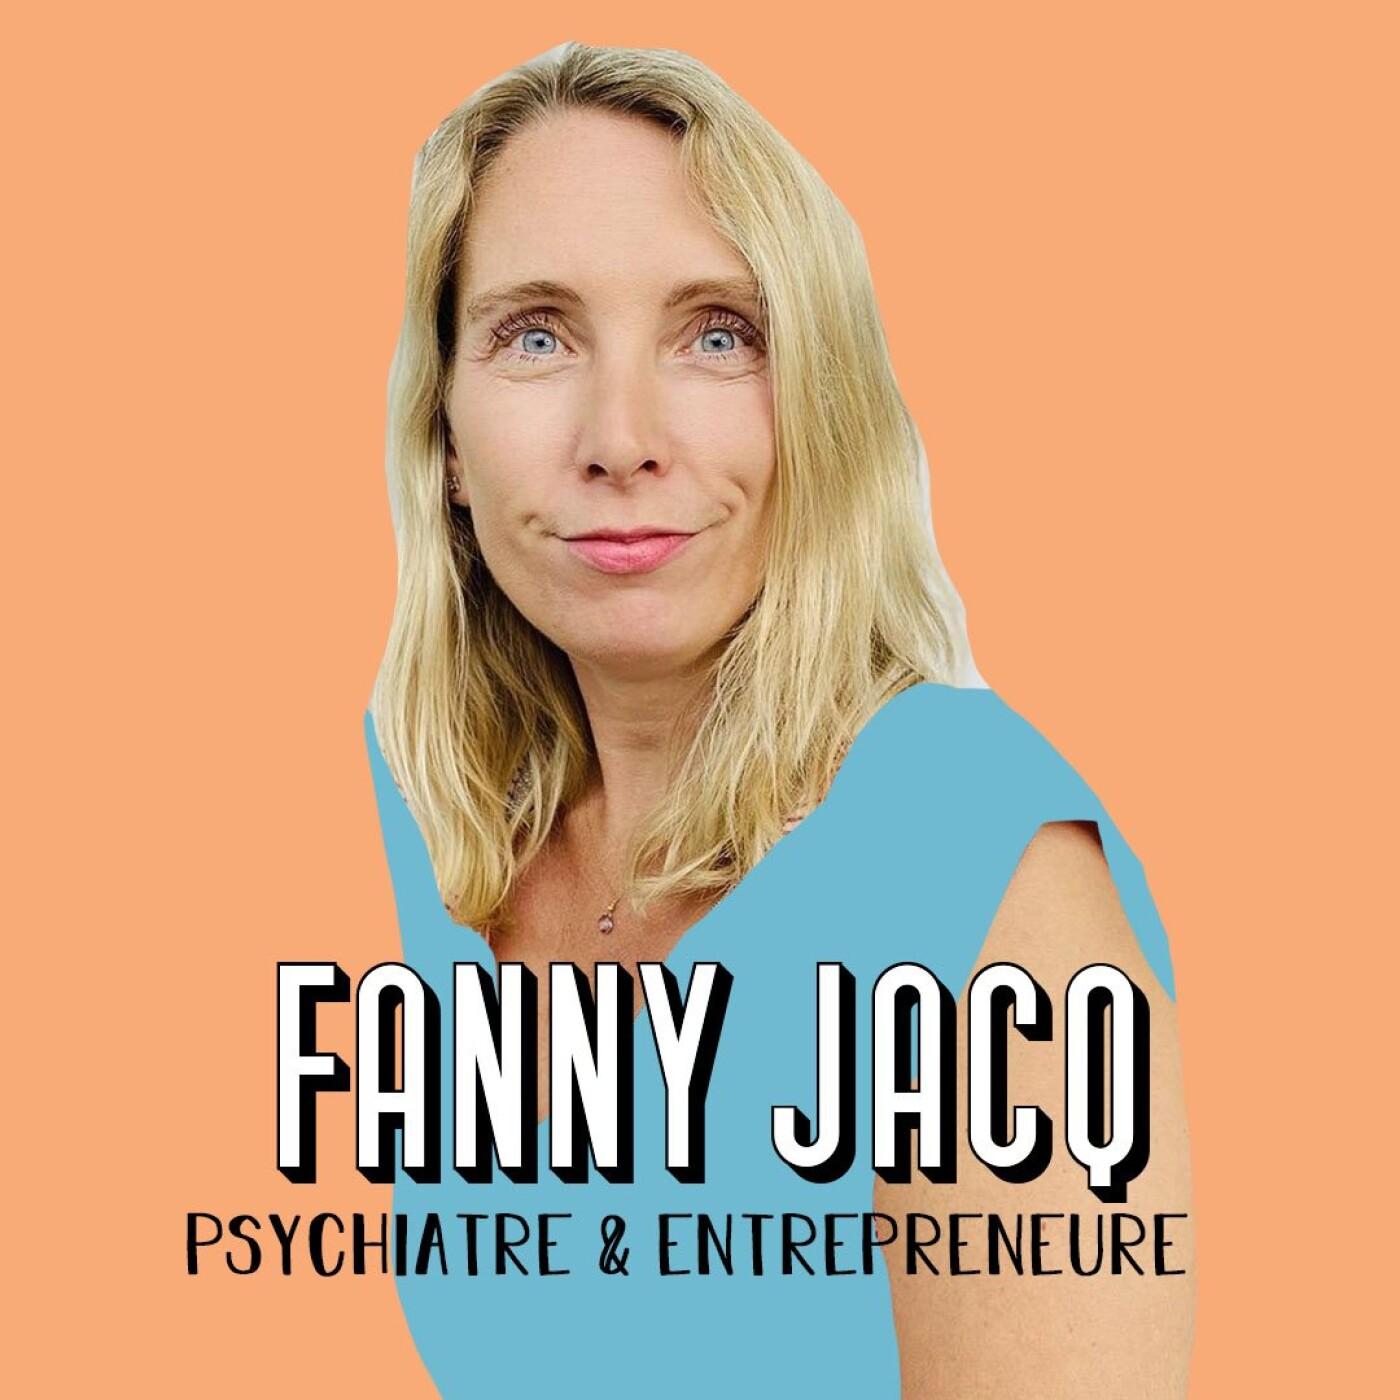 Fanny Jacq, Psychiatre & Entrepreneure - Vous avez le droit d'aller bien